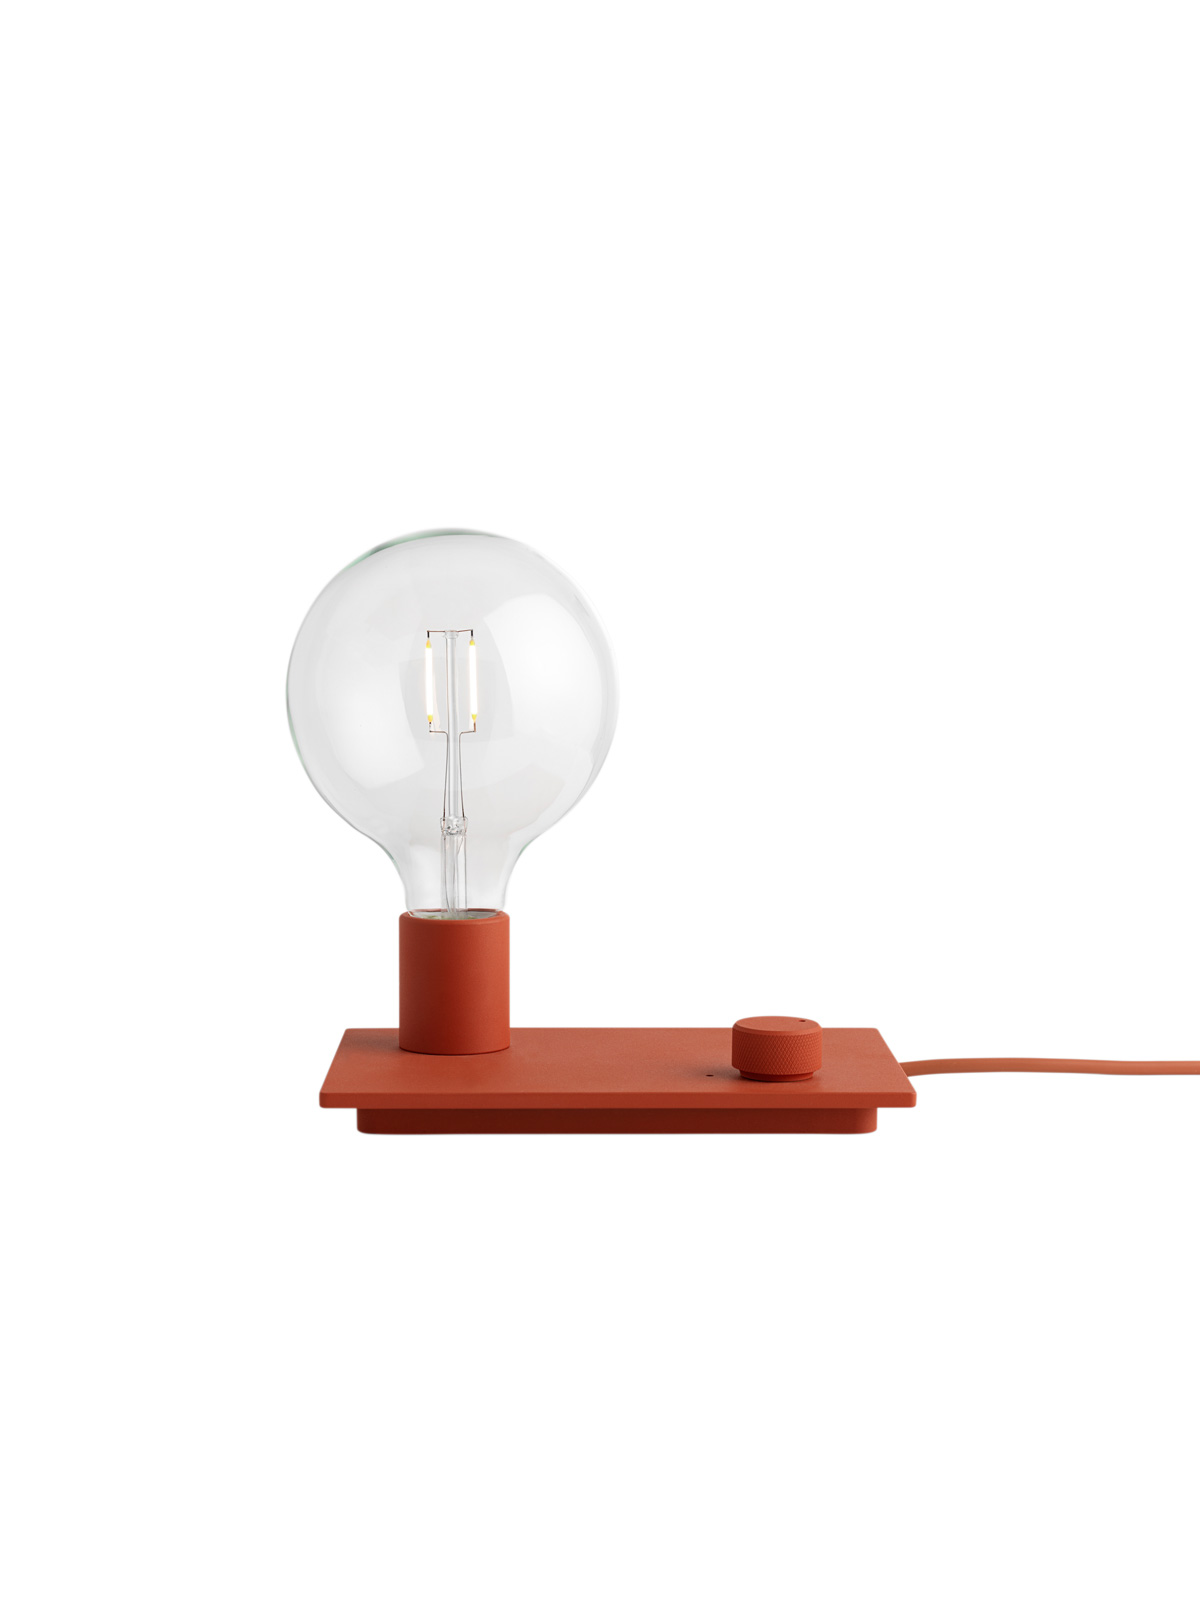 Tischlampe Control von Muuto bei DesignOrt Berlin